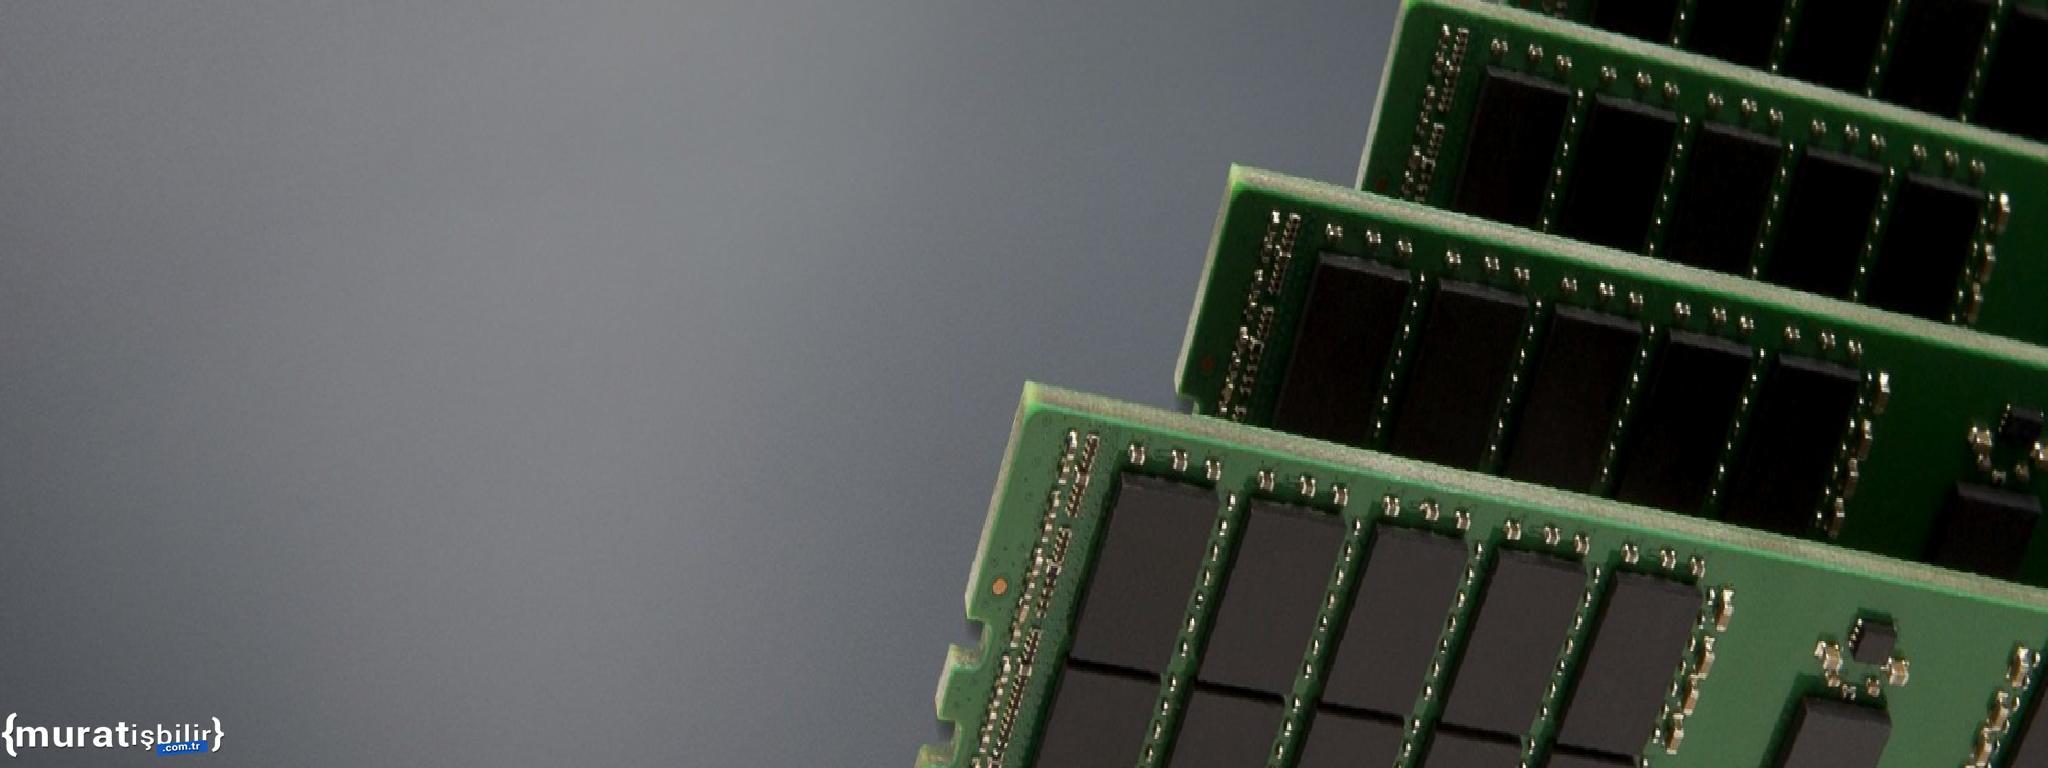 Kingston, En İyi DRAM Üreticisi Unvanını Koruyor